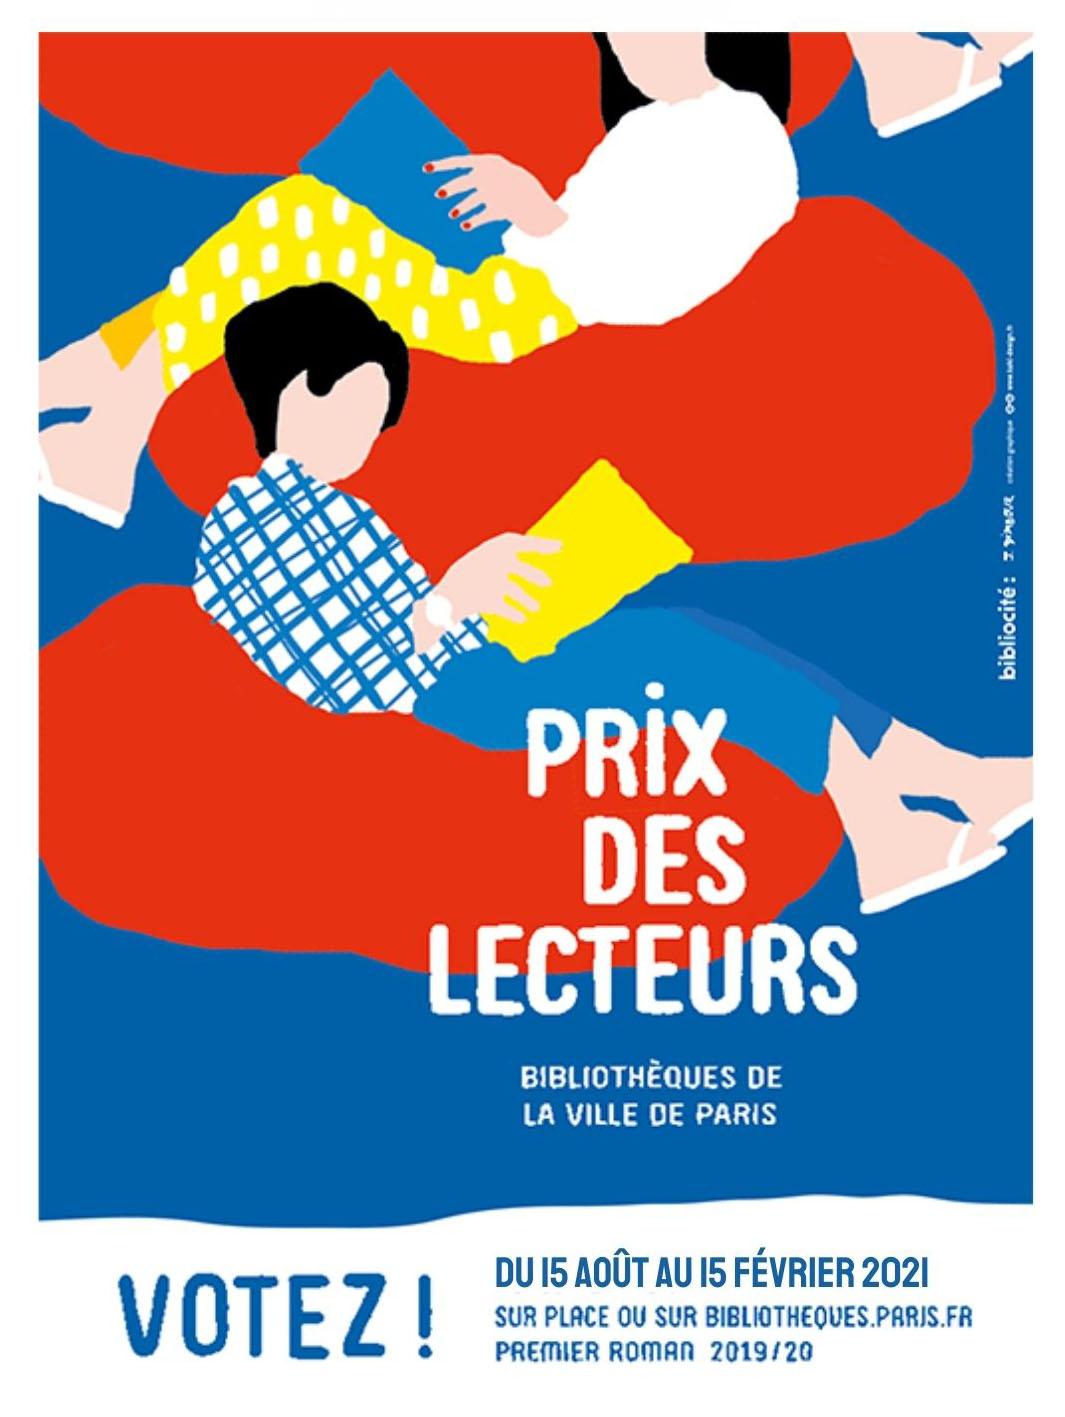 Prix des lecteurs bibliothèques ville de Paris